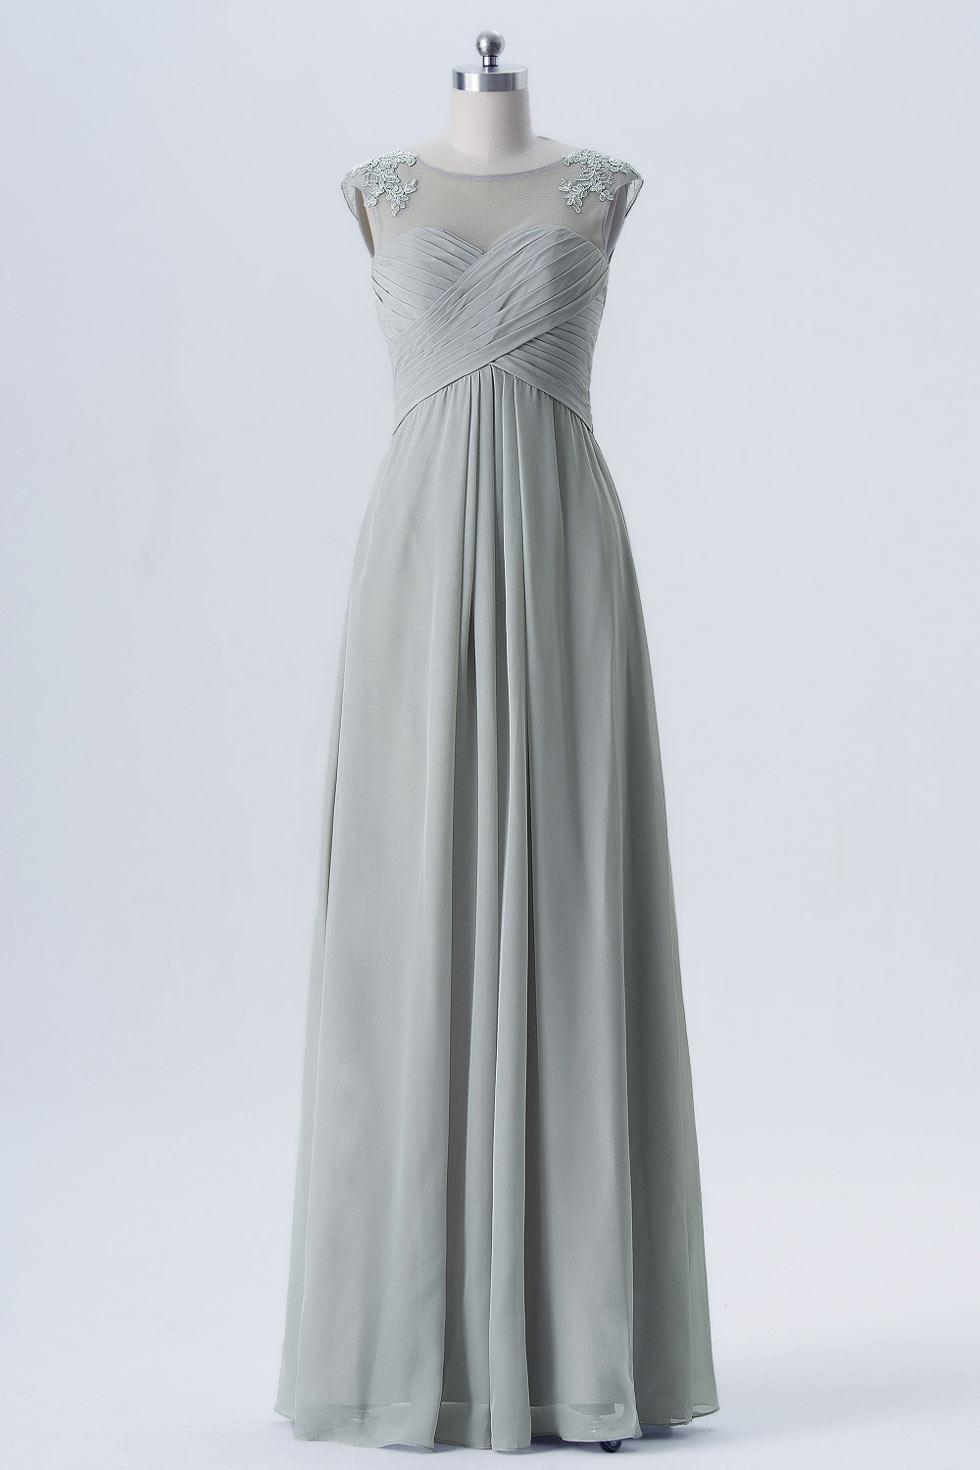 robe grise longue pour cocktail de mariage encolure illusion. Black Bedroom Furniture Sets. Home Design Ideas